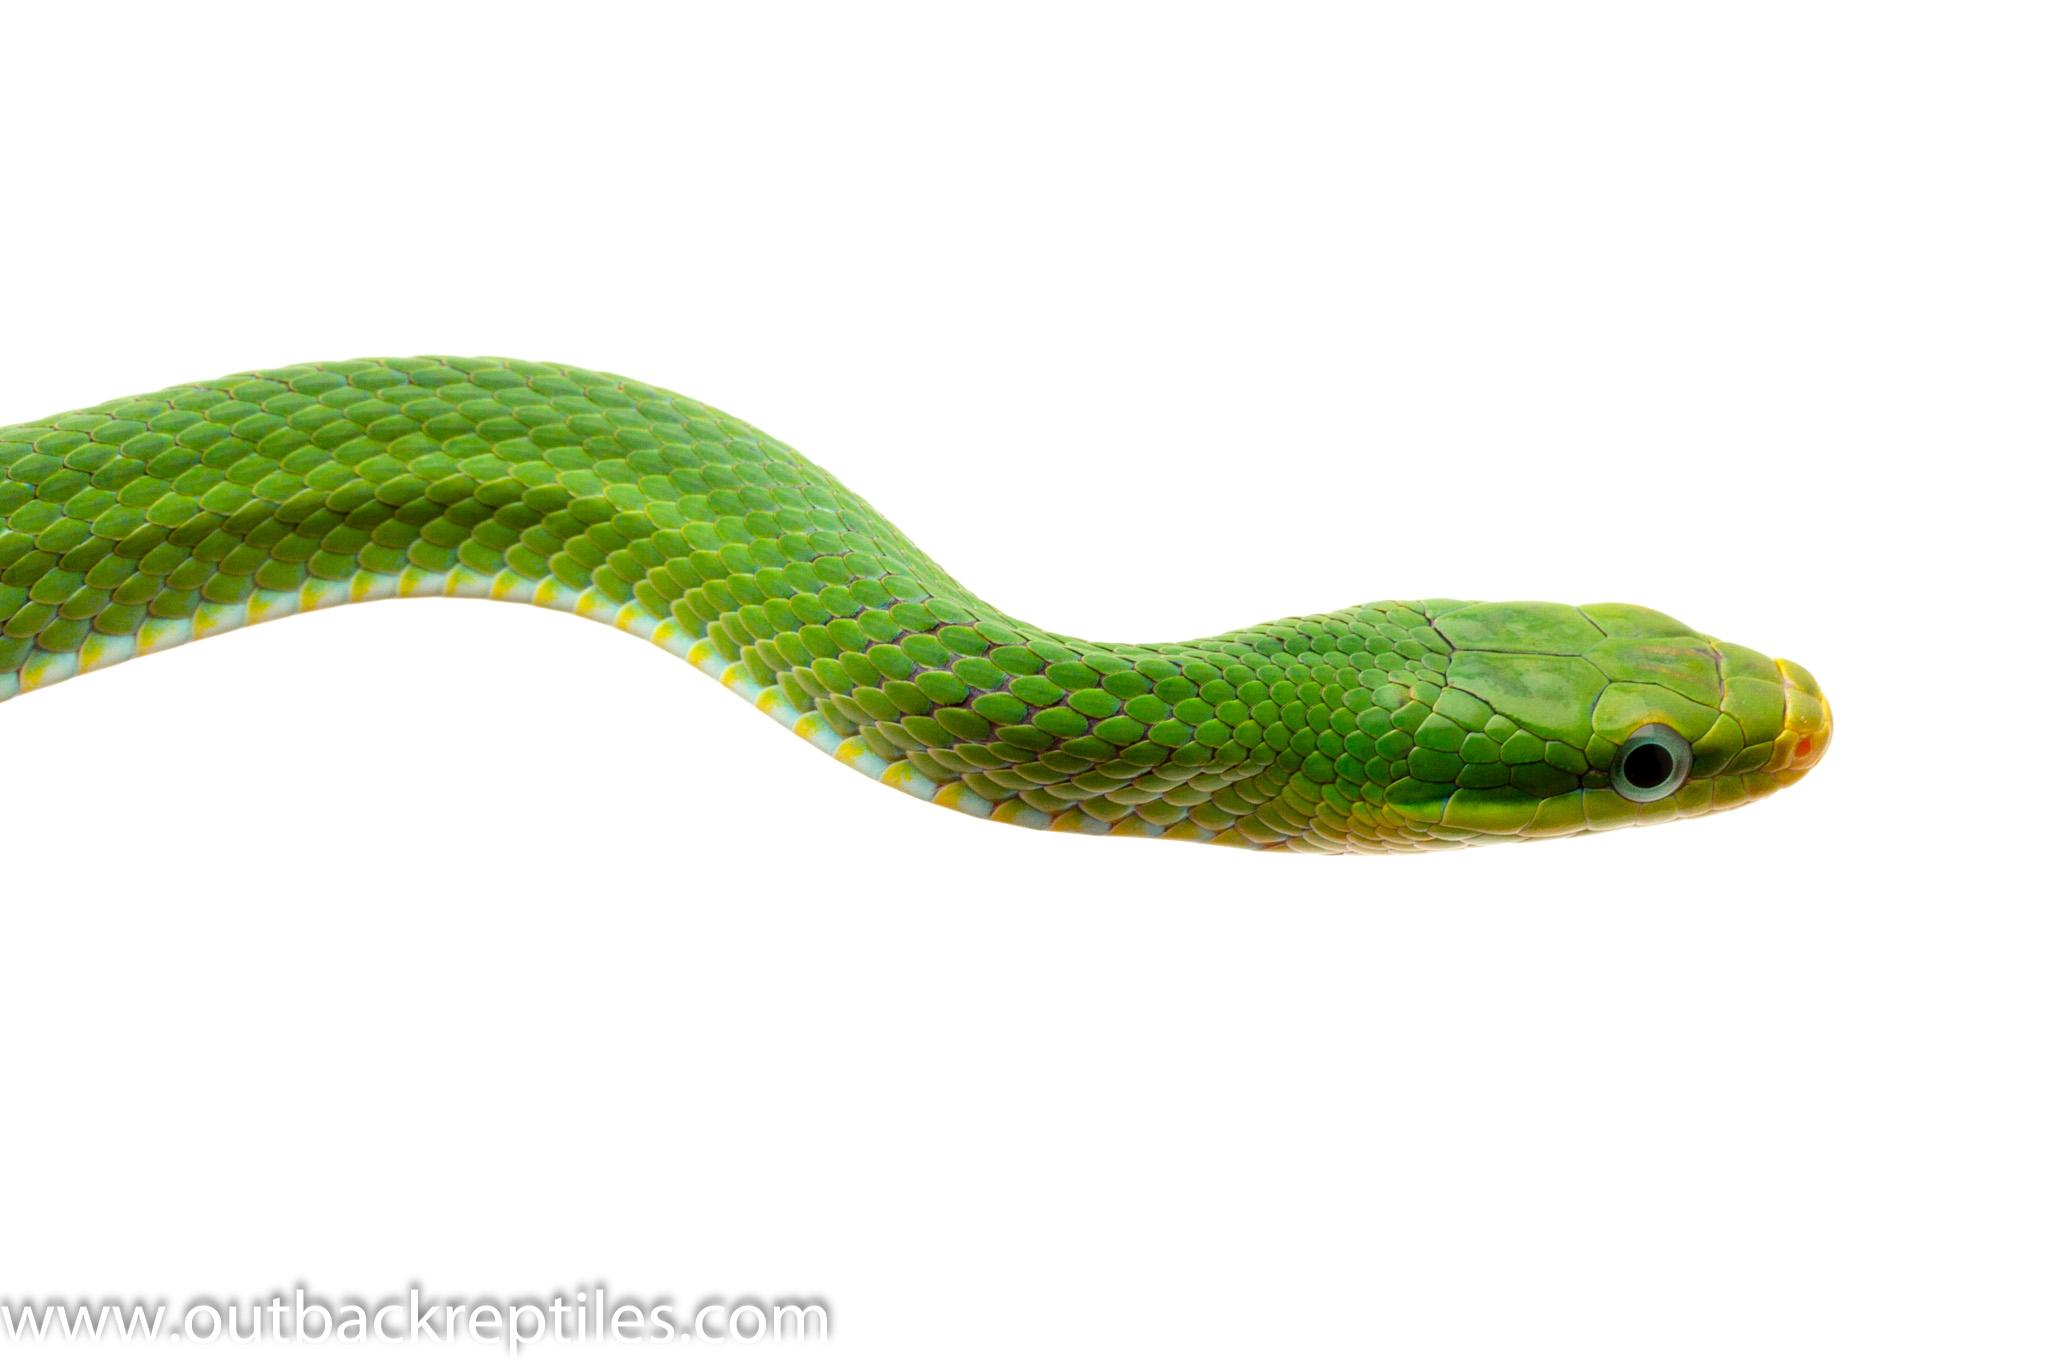 green bush rat snake for sale